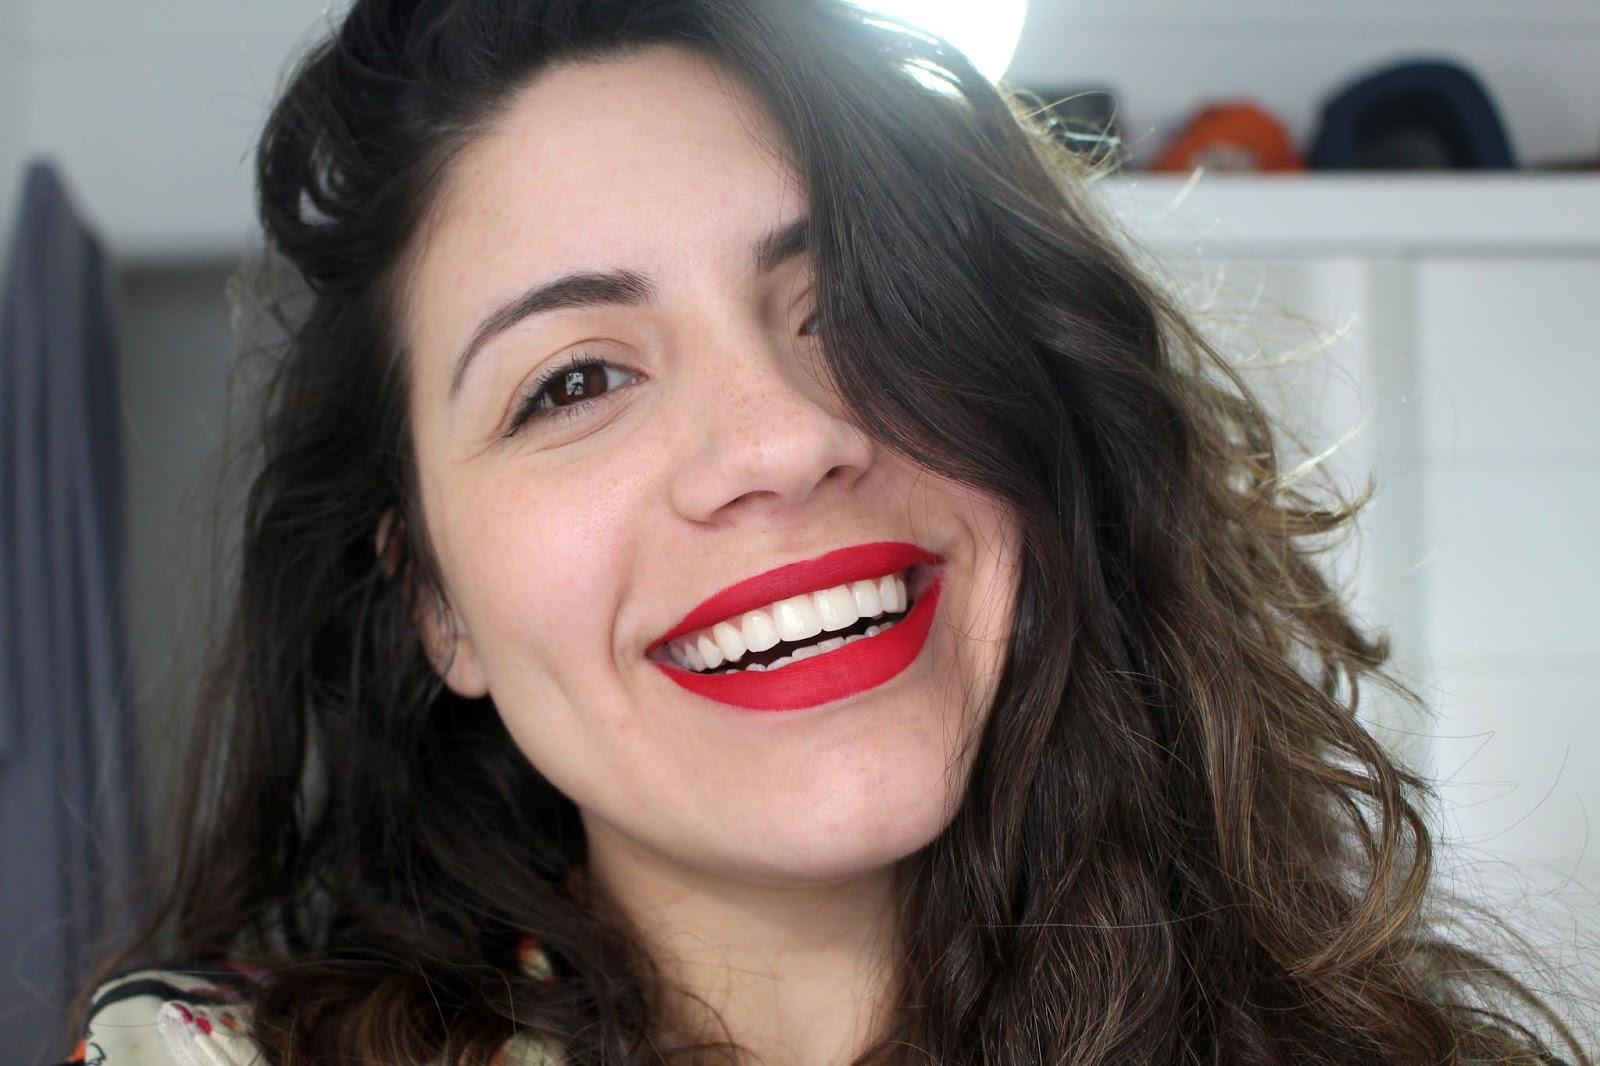 resenha baton líquido matte VULT cor 06 anadodia Ana do dia Ana Soares